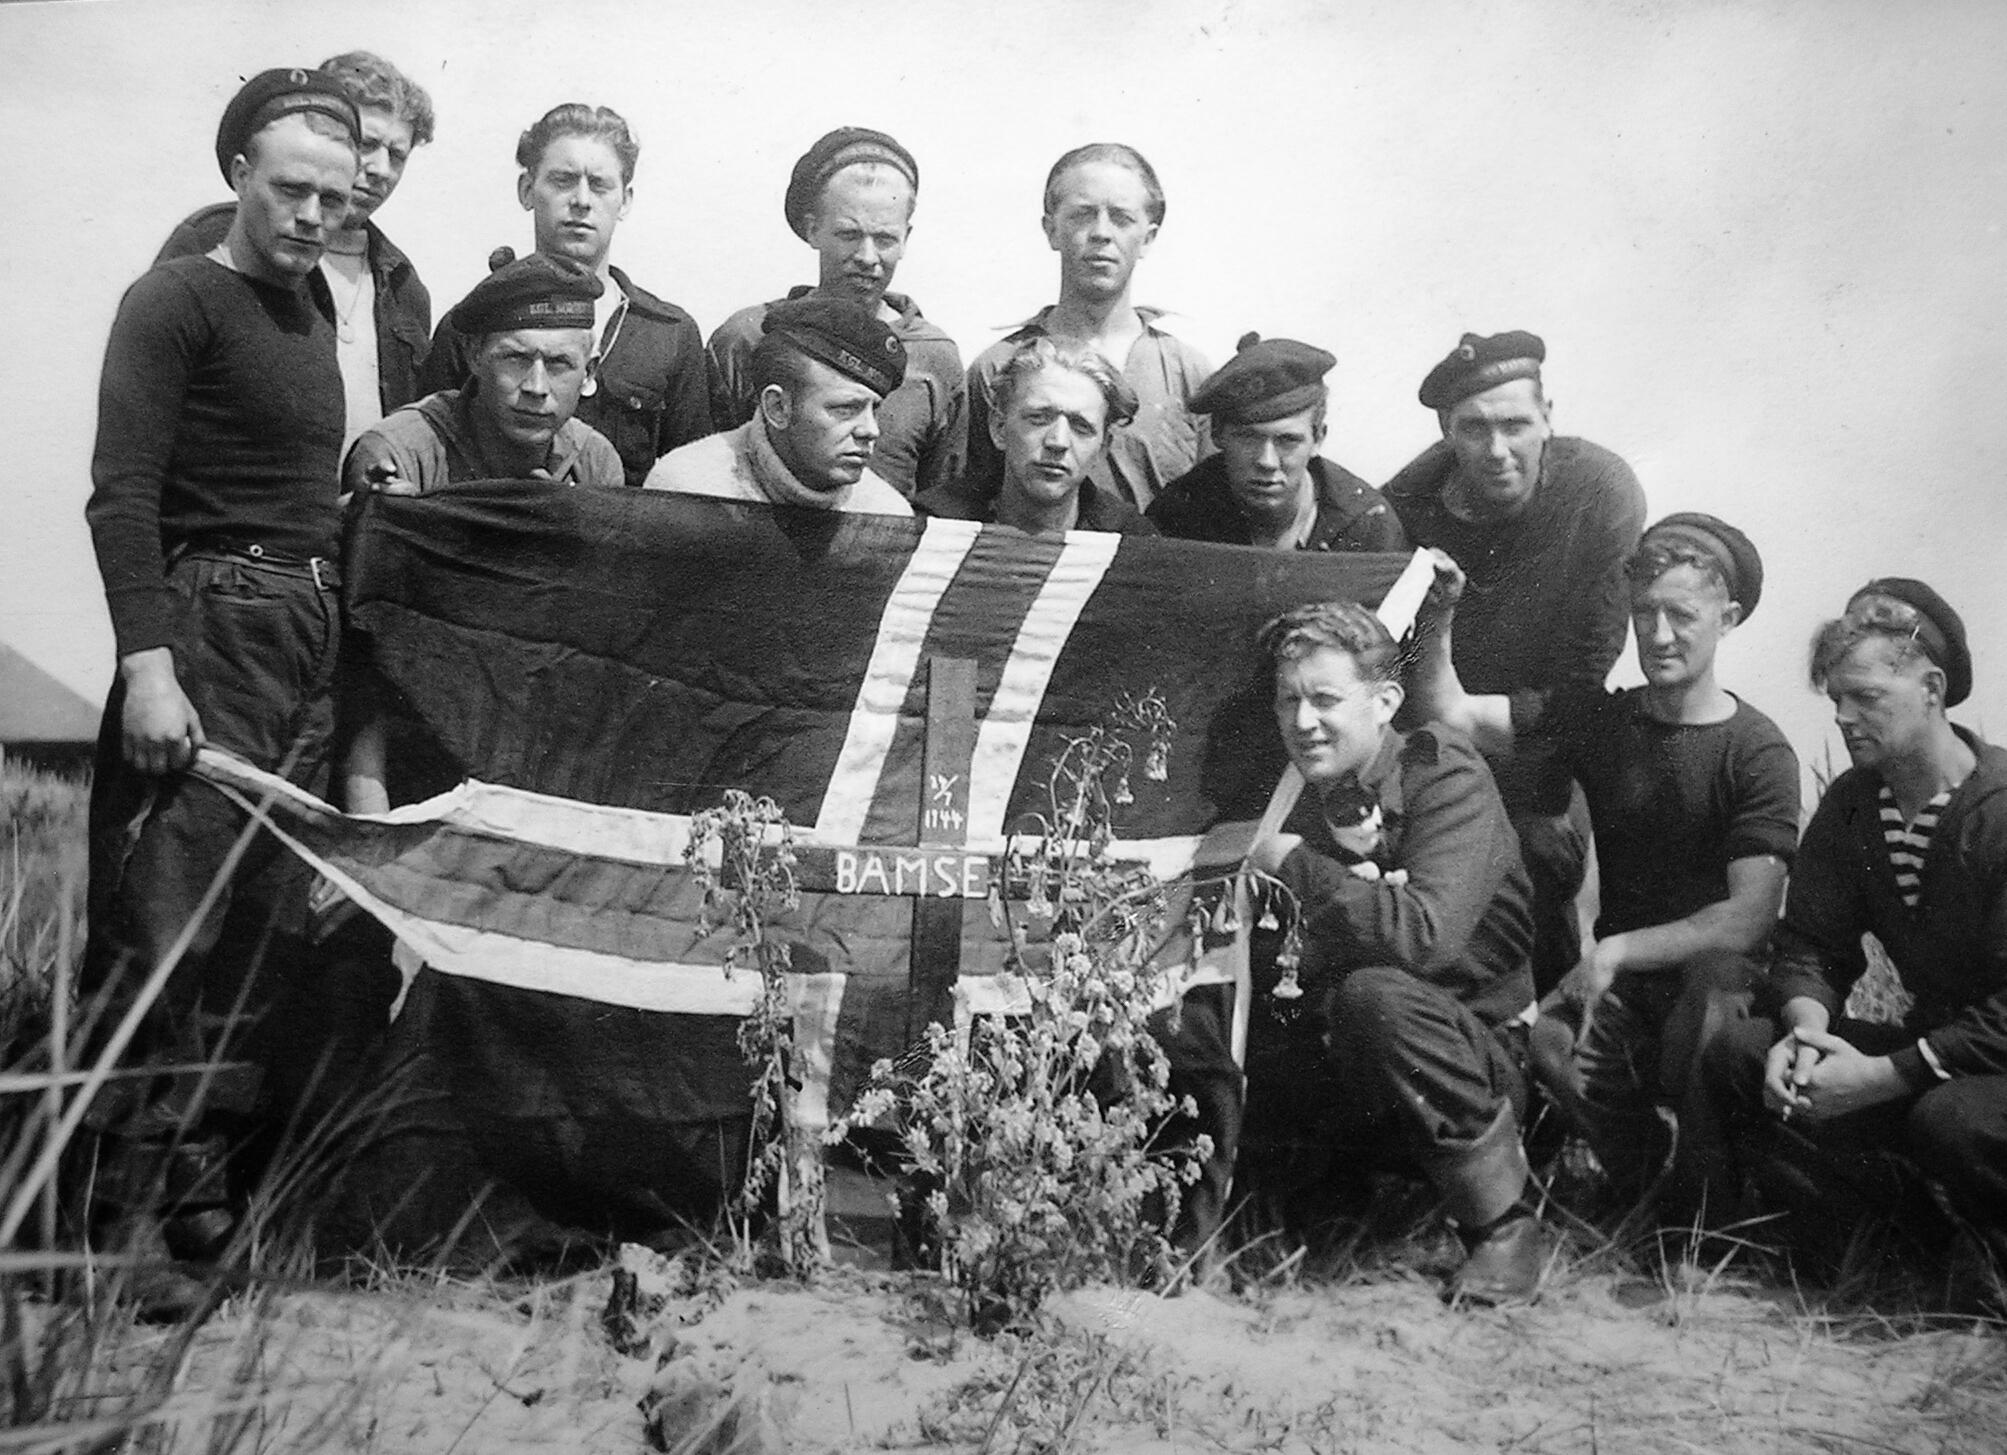 Bamse's burial in 1944.